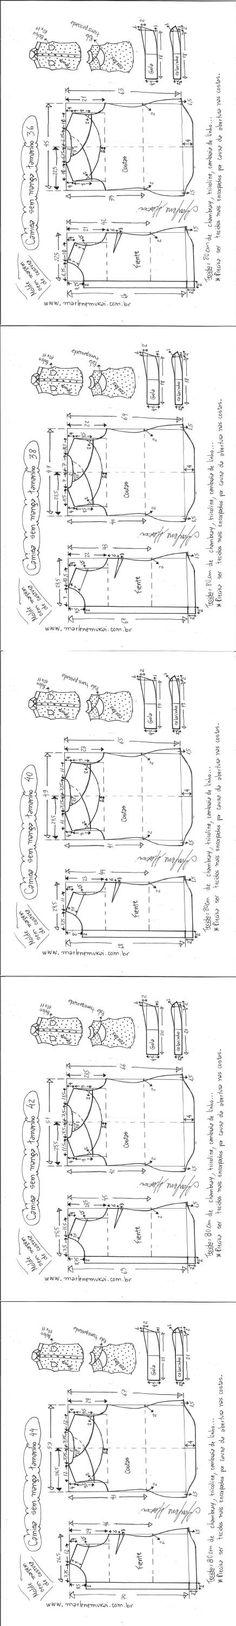 Camisa sem manga e colarinho | DIY - molde, corte e costura - Marlene Mukai